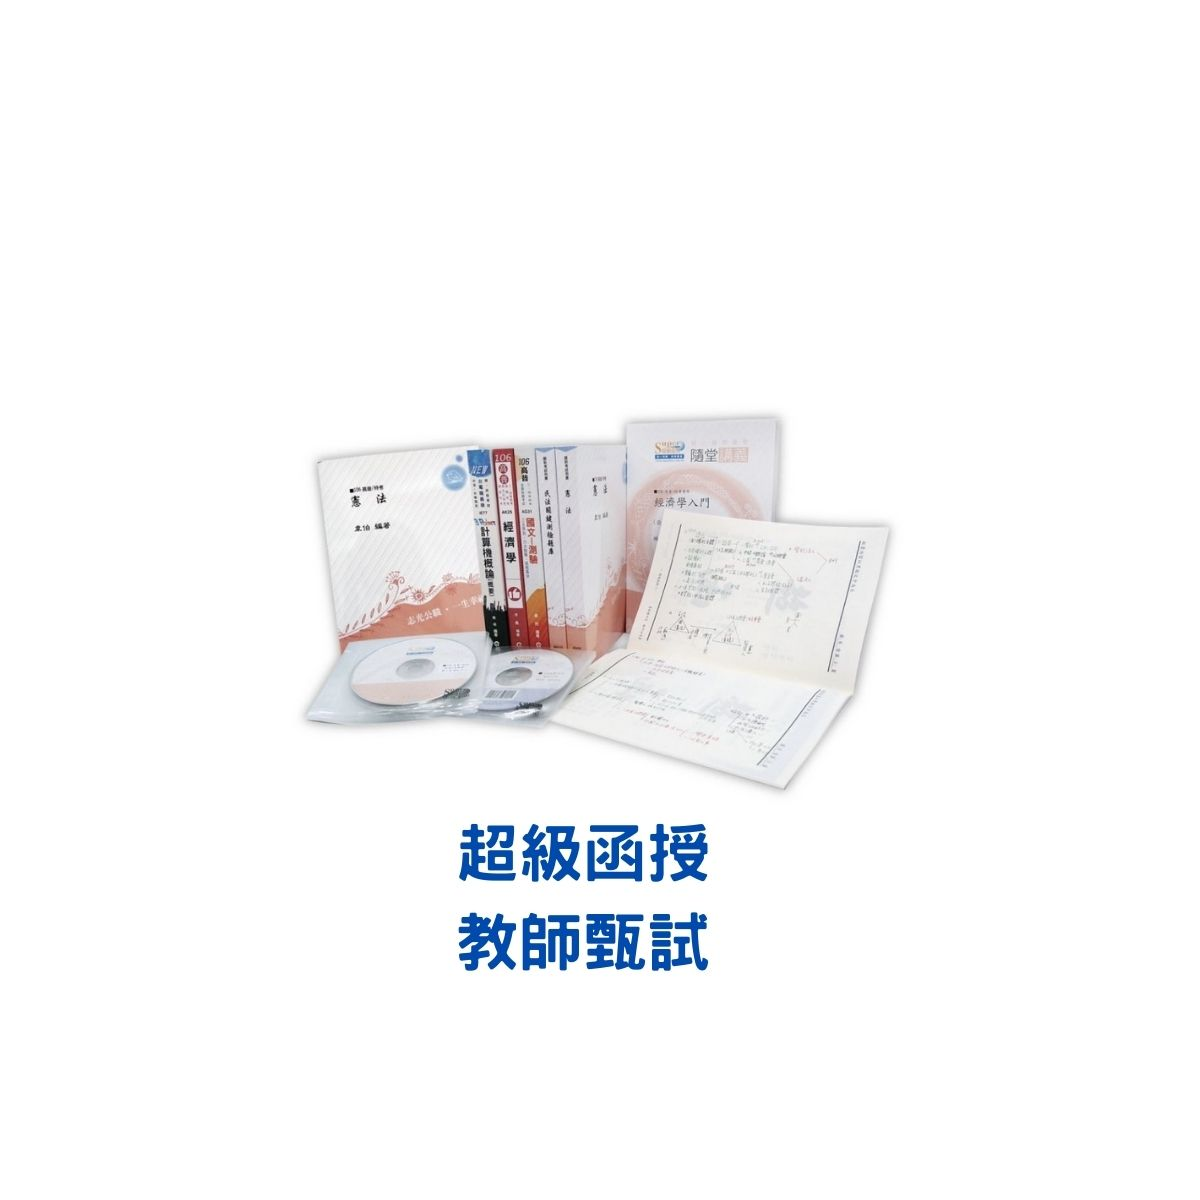 110/超級函授/教師甄試/專任輔導甄試/年度班/全套/雲端函授